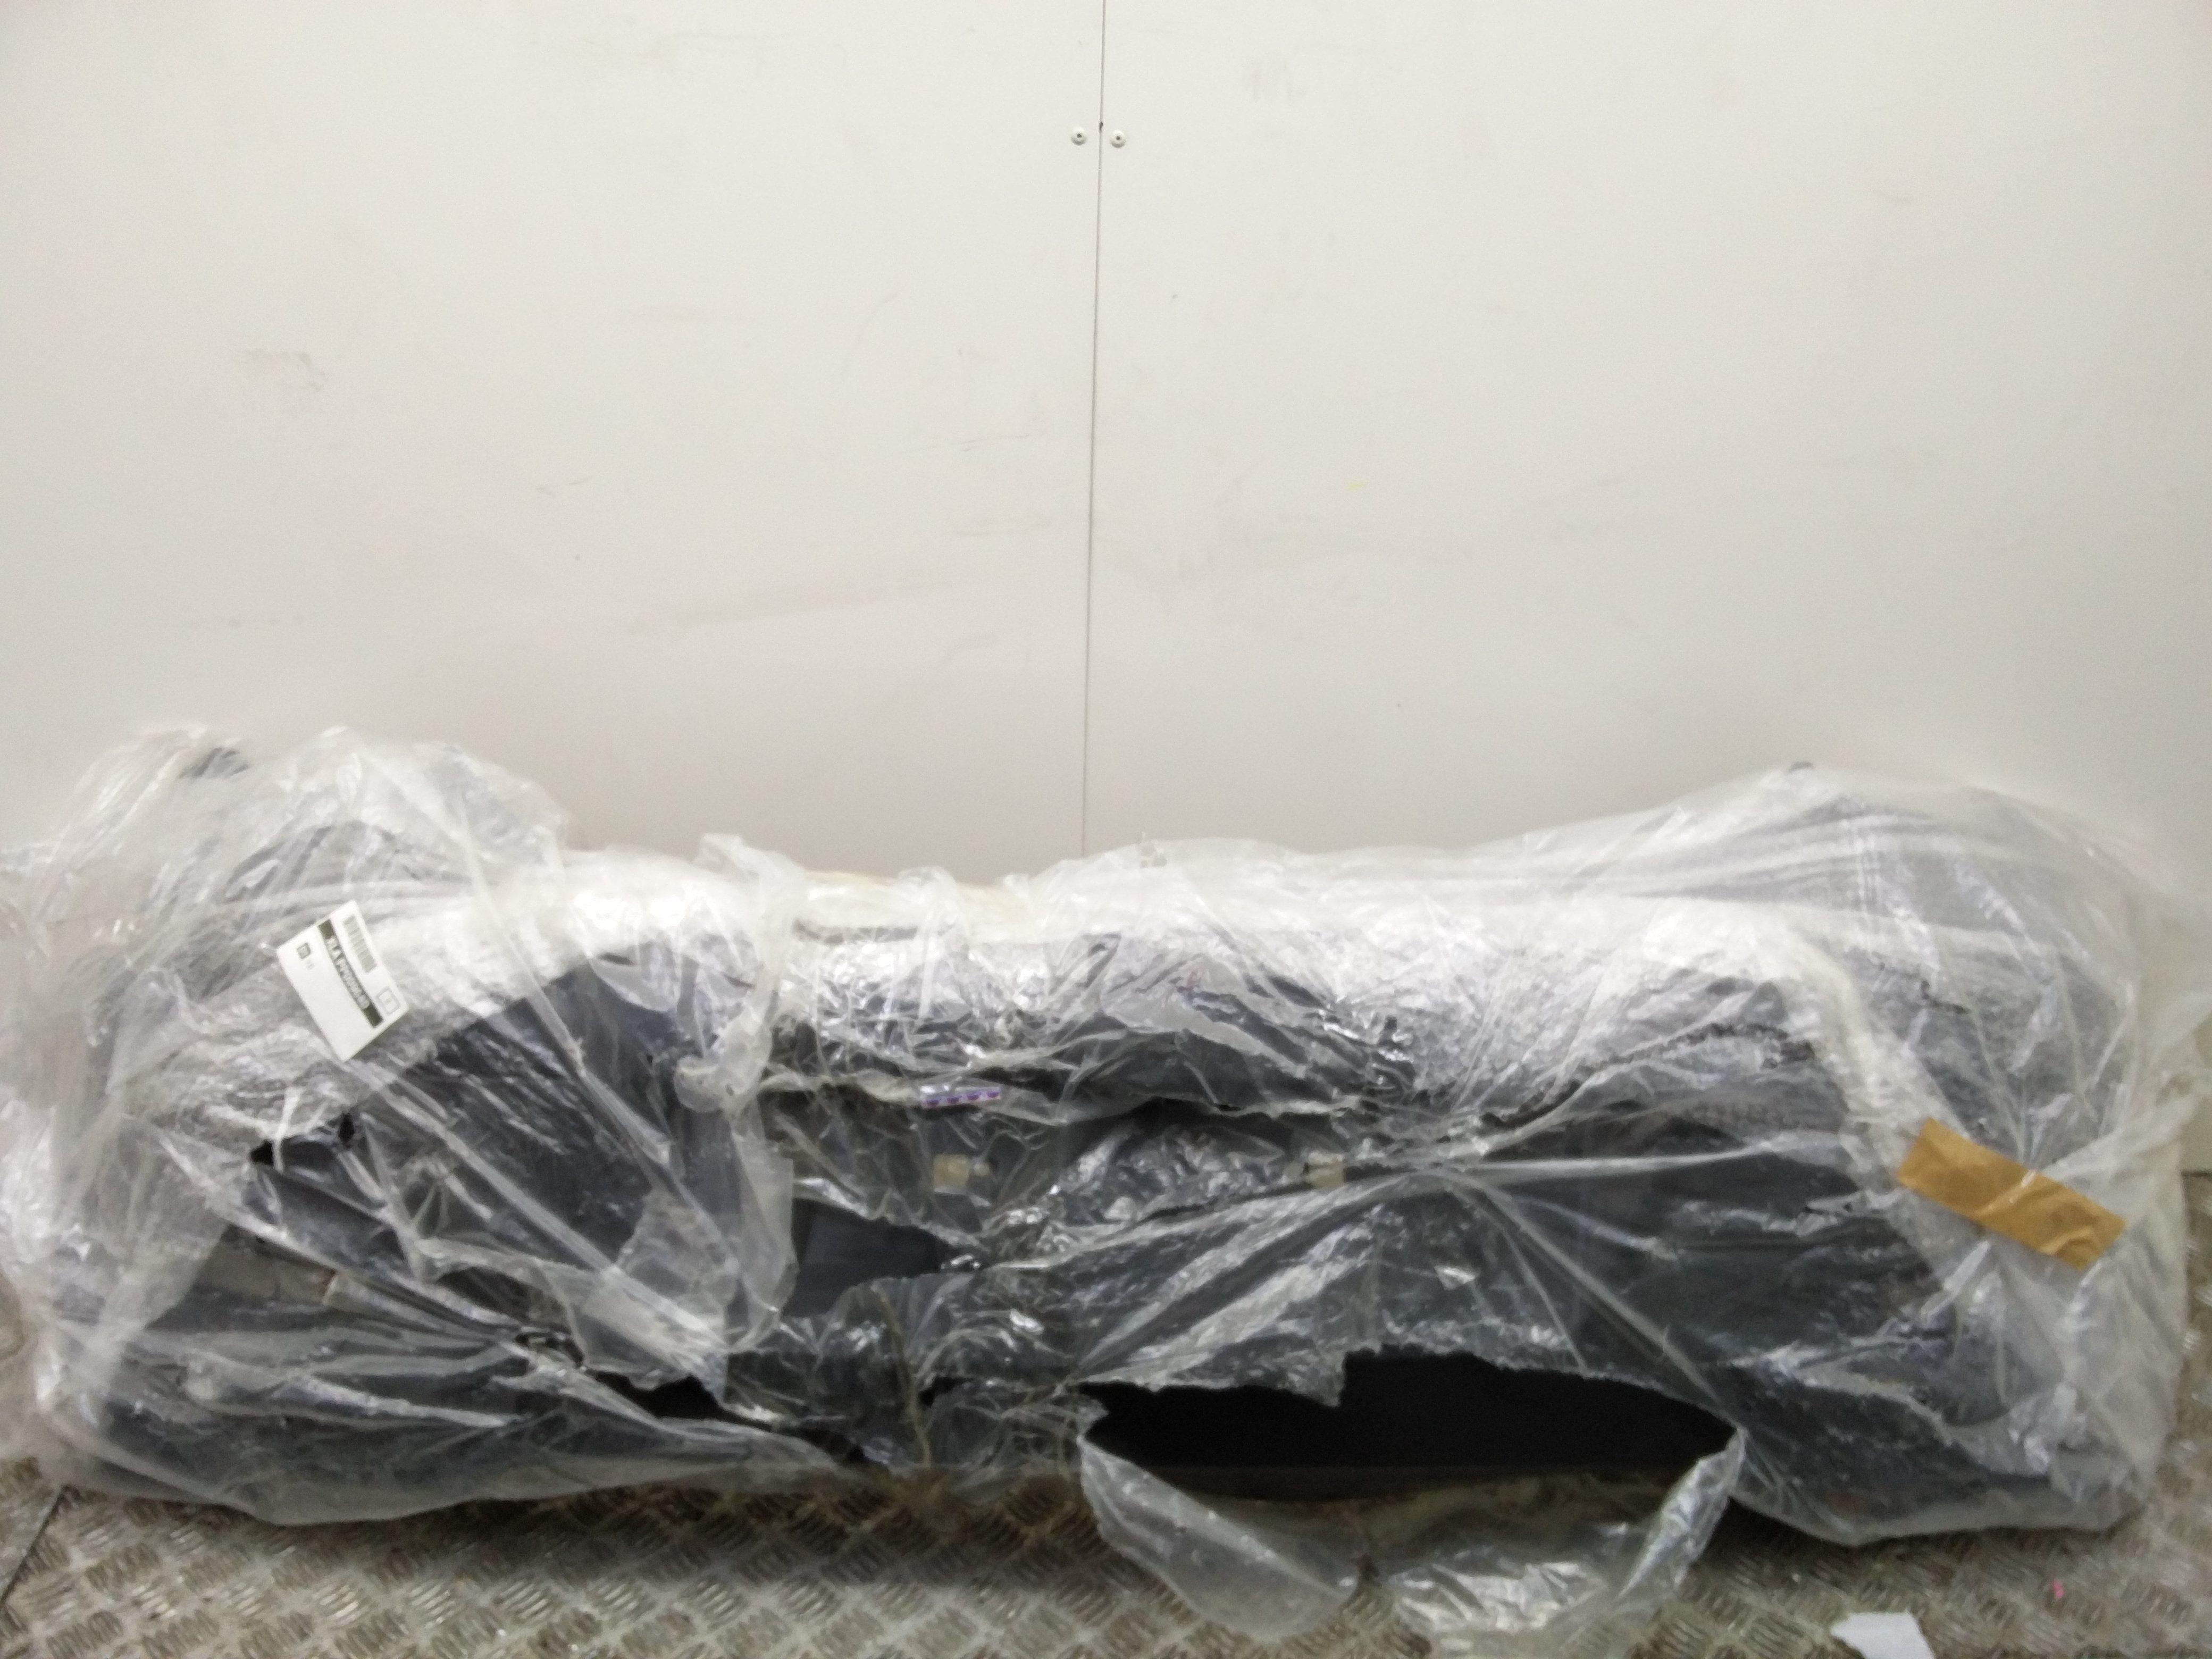 PARAURTI POSTERIORE COMPLETO HYUNDAI i10 2° Serie  Benzina    (2012) RICAMBI USATI